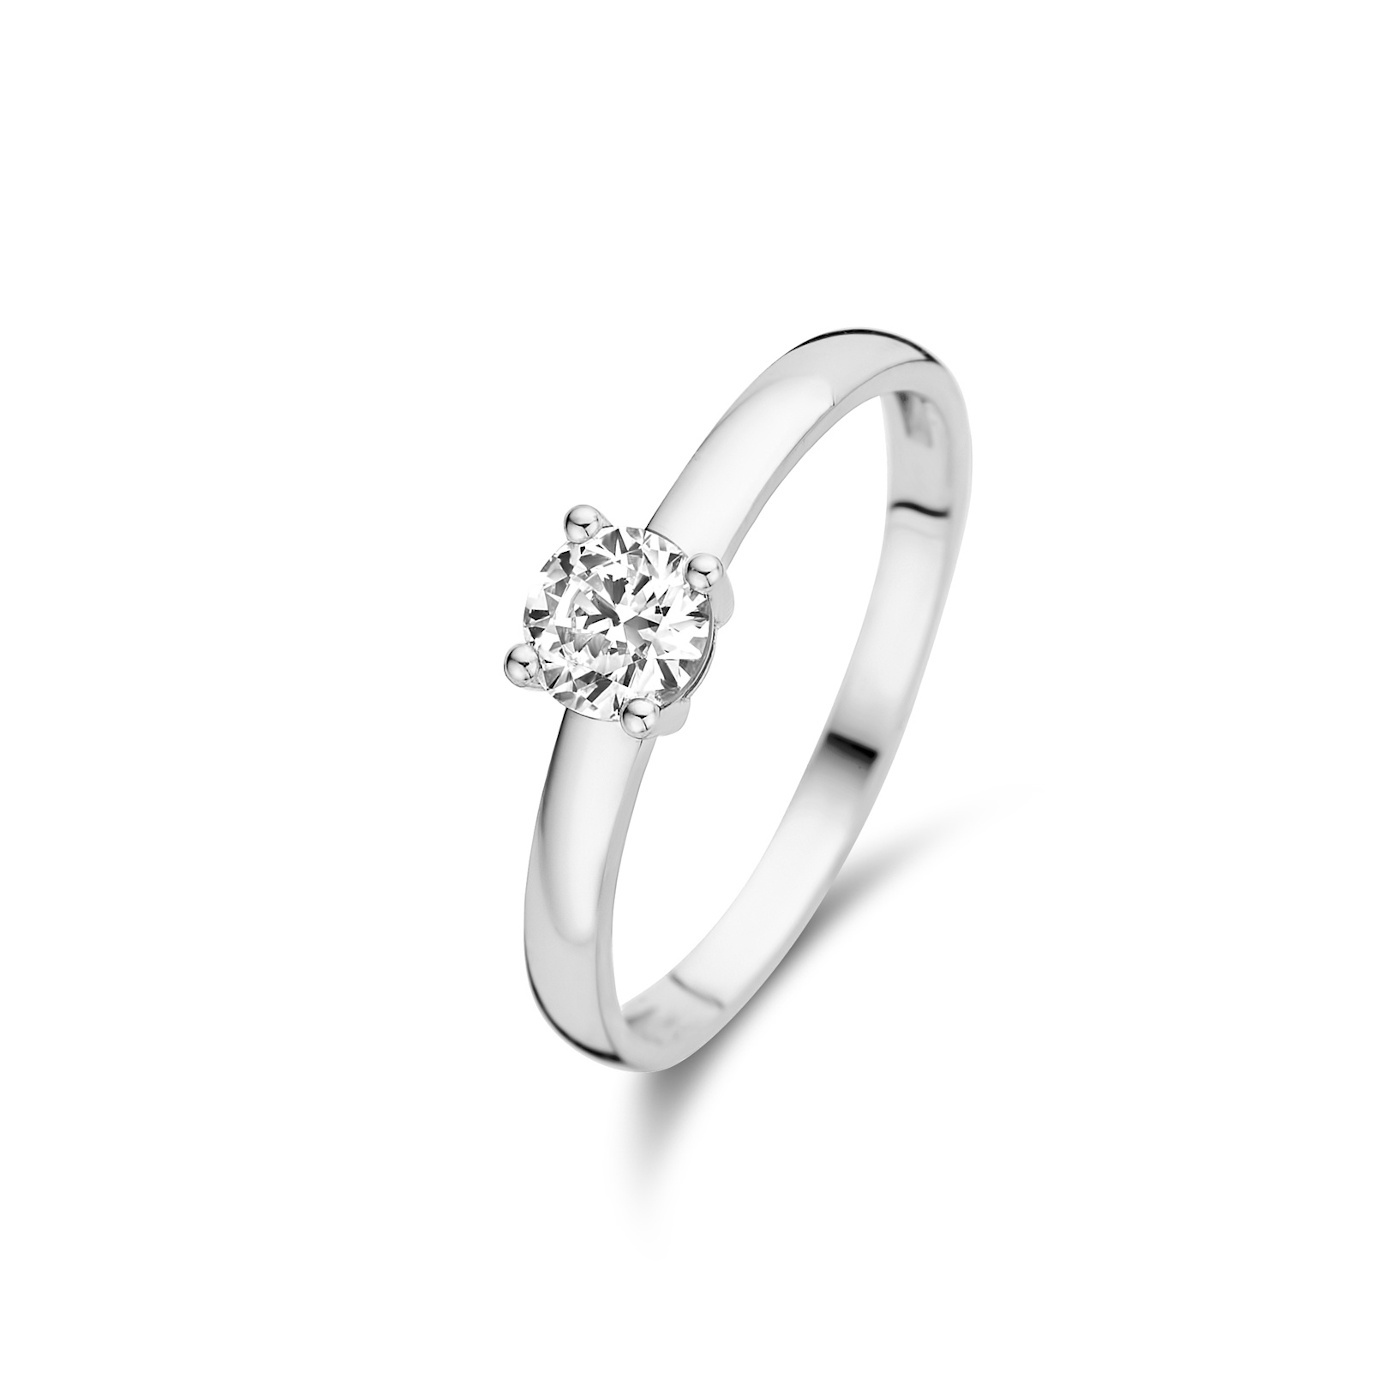 Isabel Bernard Saint Germain de Buci 14 Karat weißgoldener Ring Zirkonia